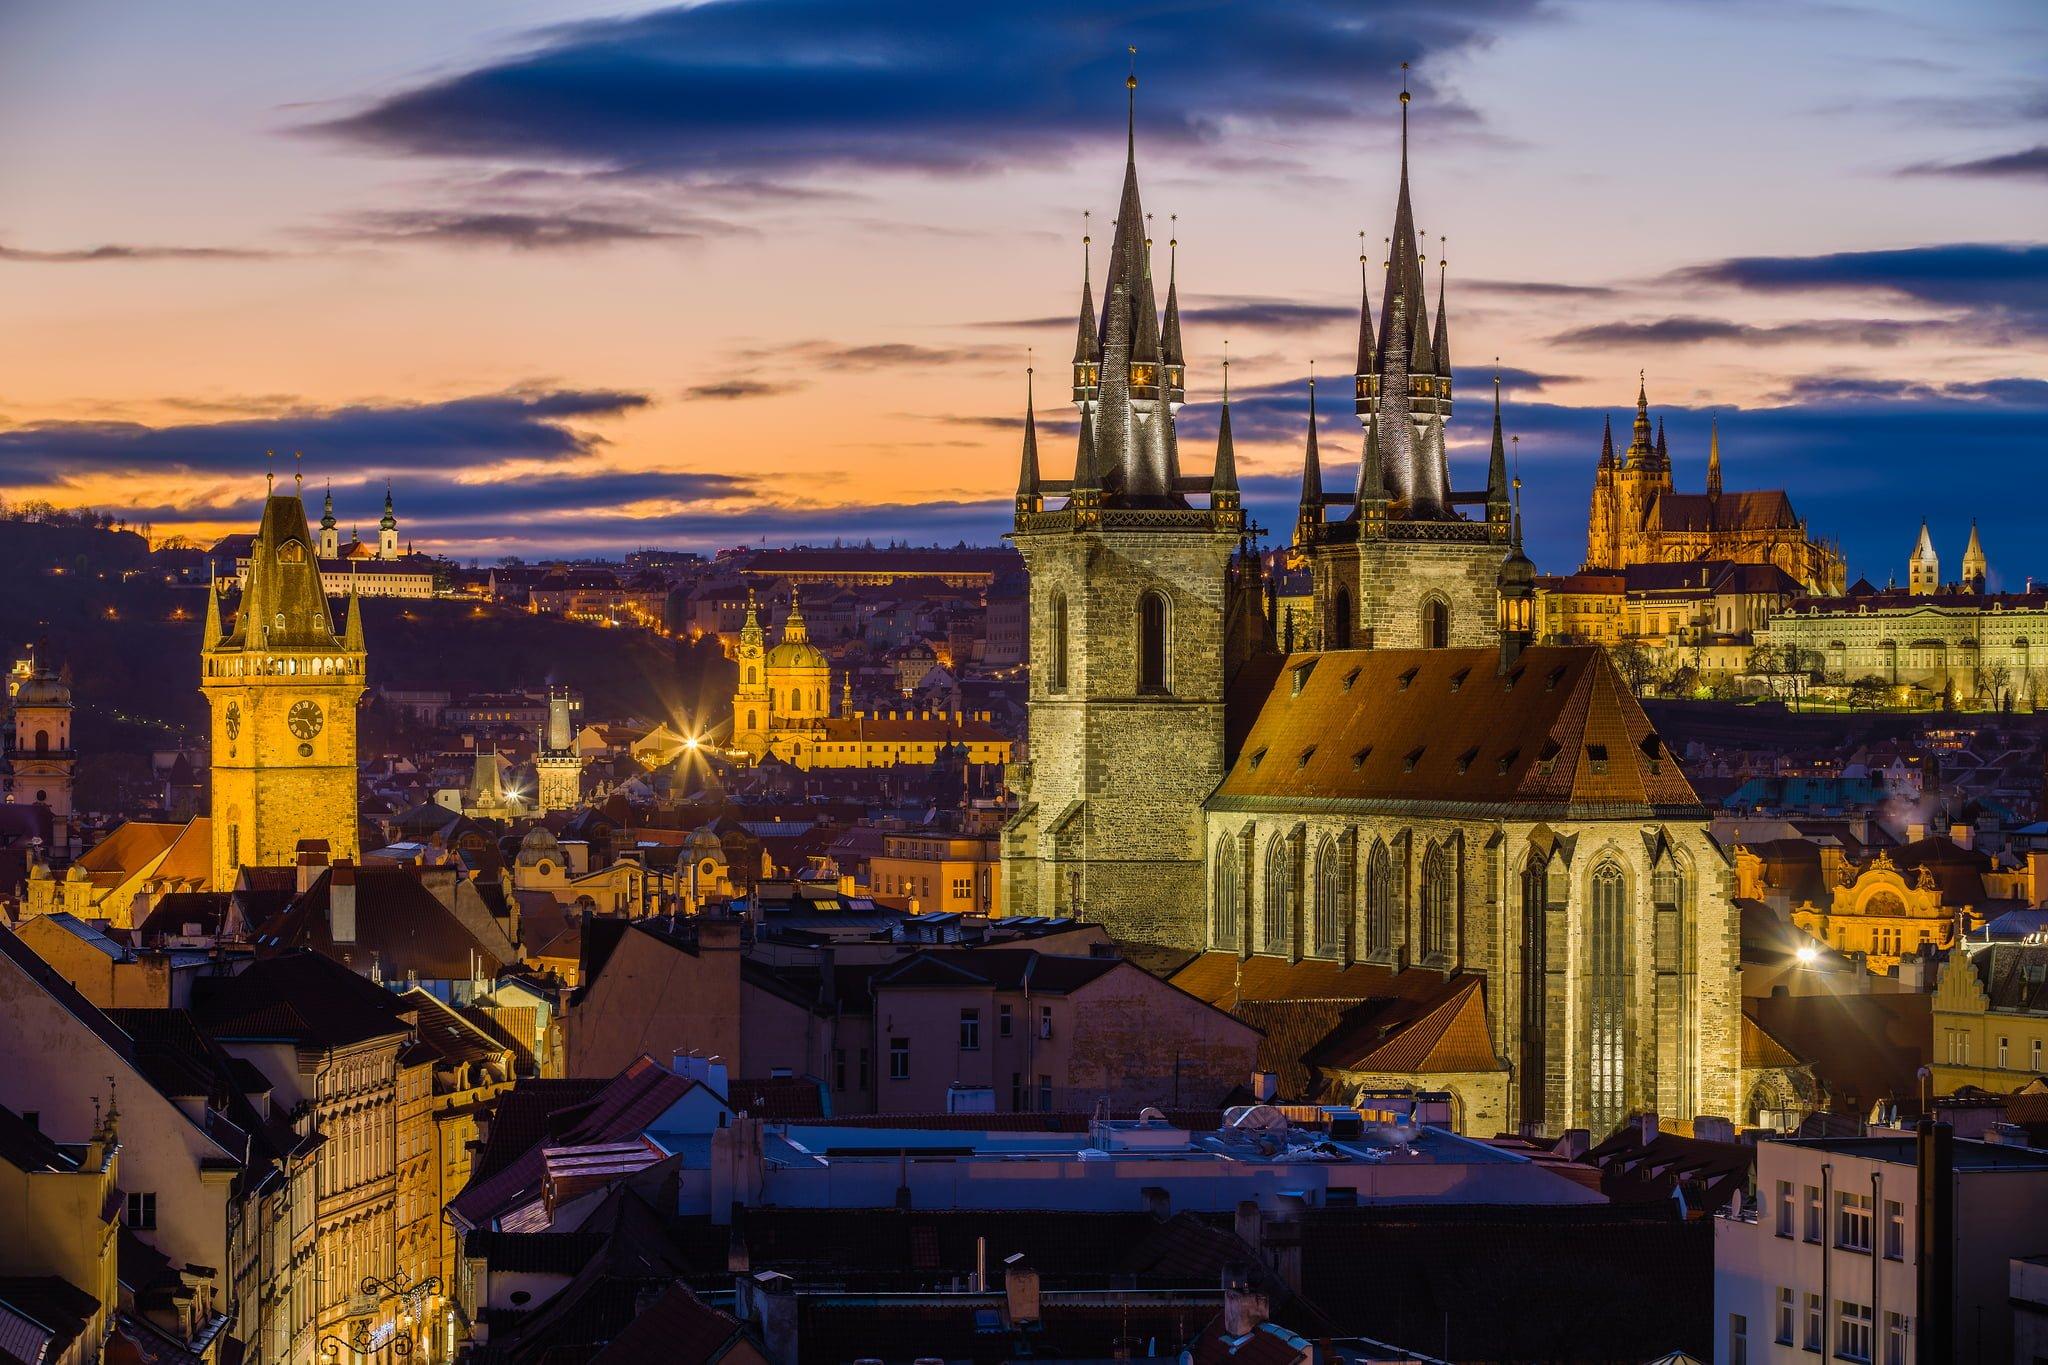 Prague_Powder_Tower_Wang